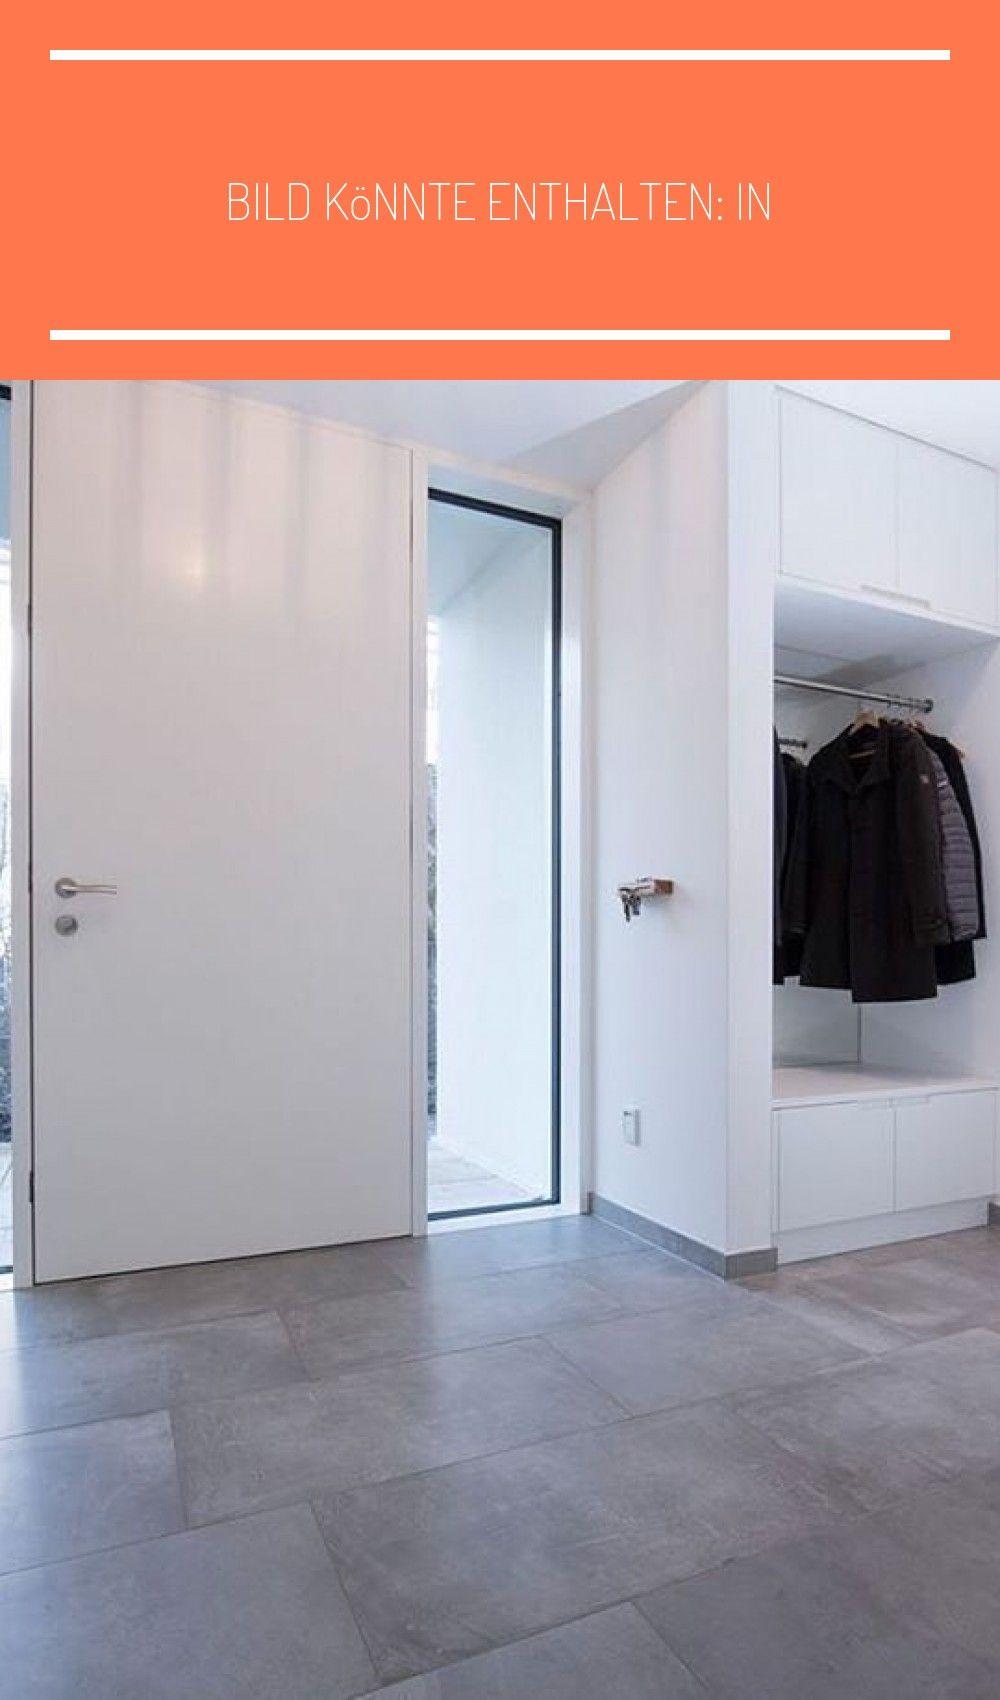 Photo of Bild könnte enthalten: Innenbereich #homeextensions Bild könnte e